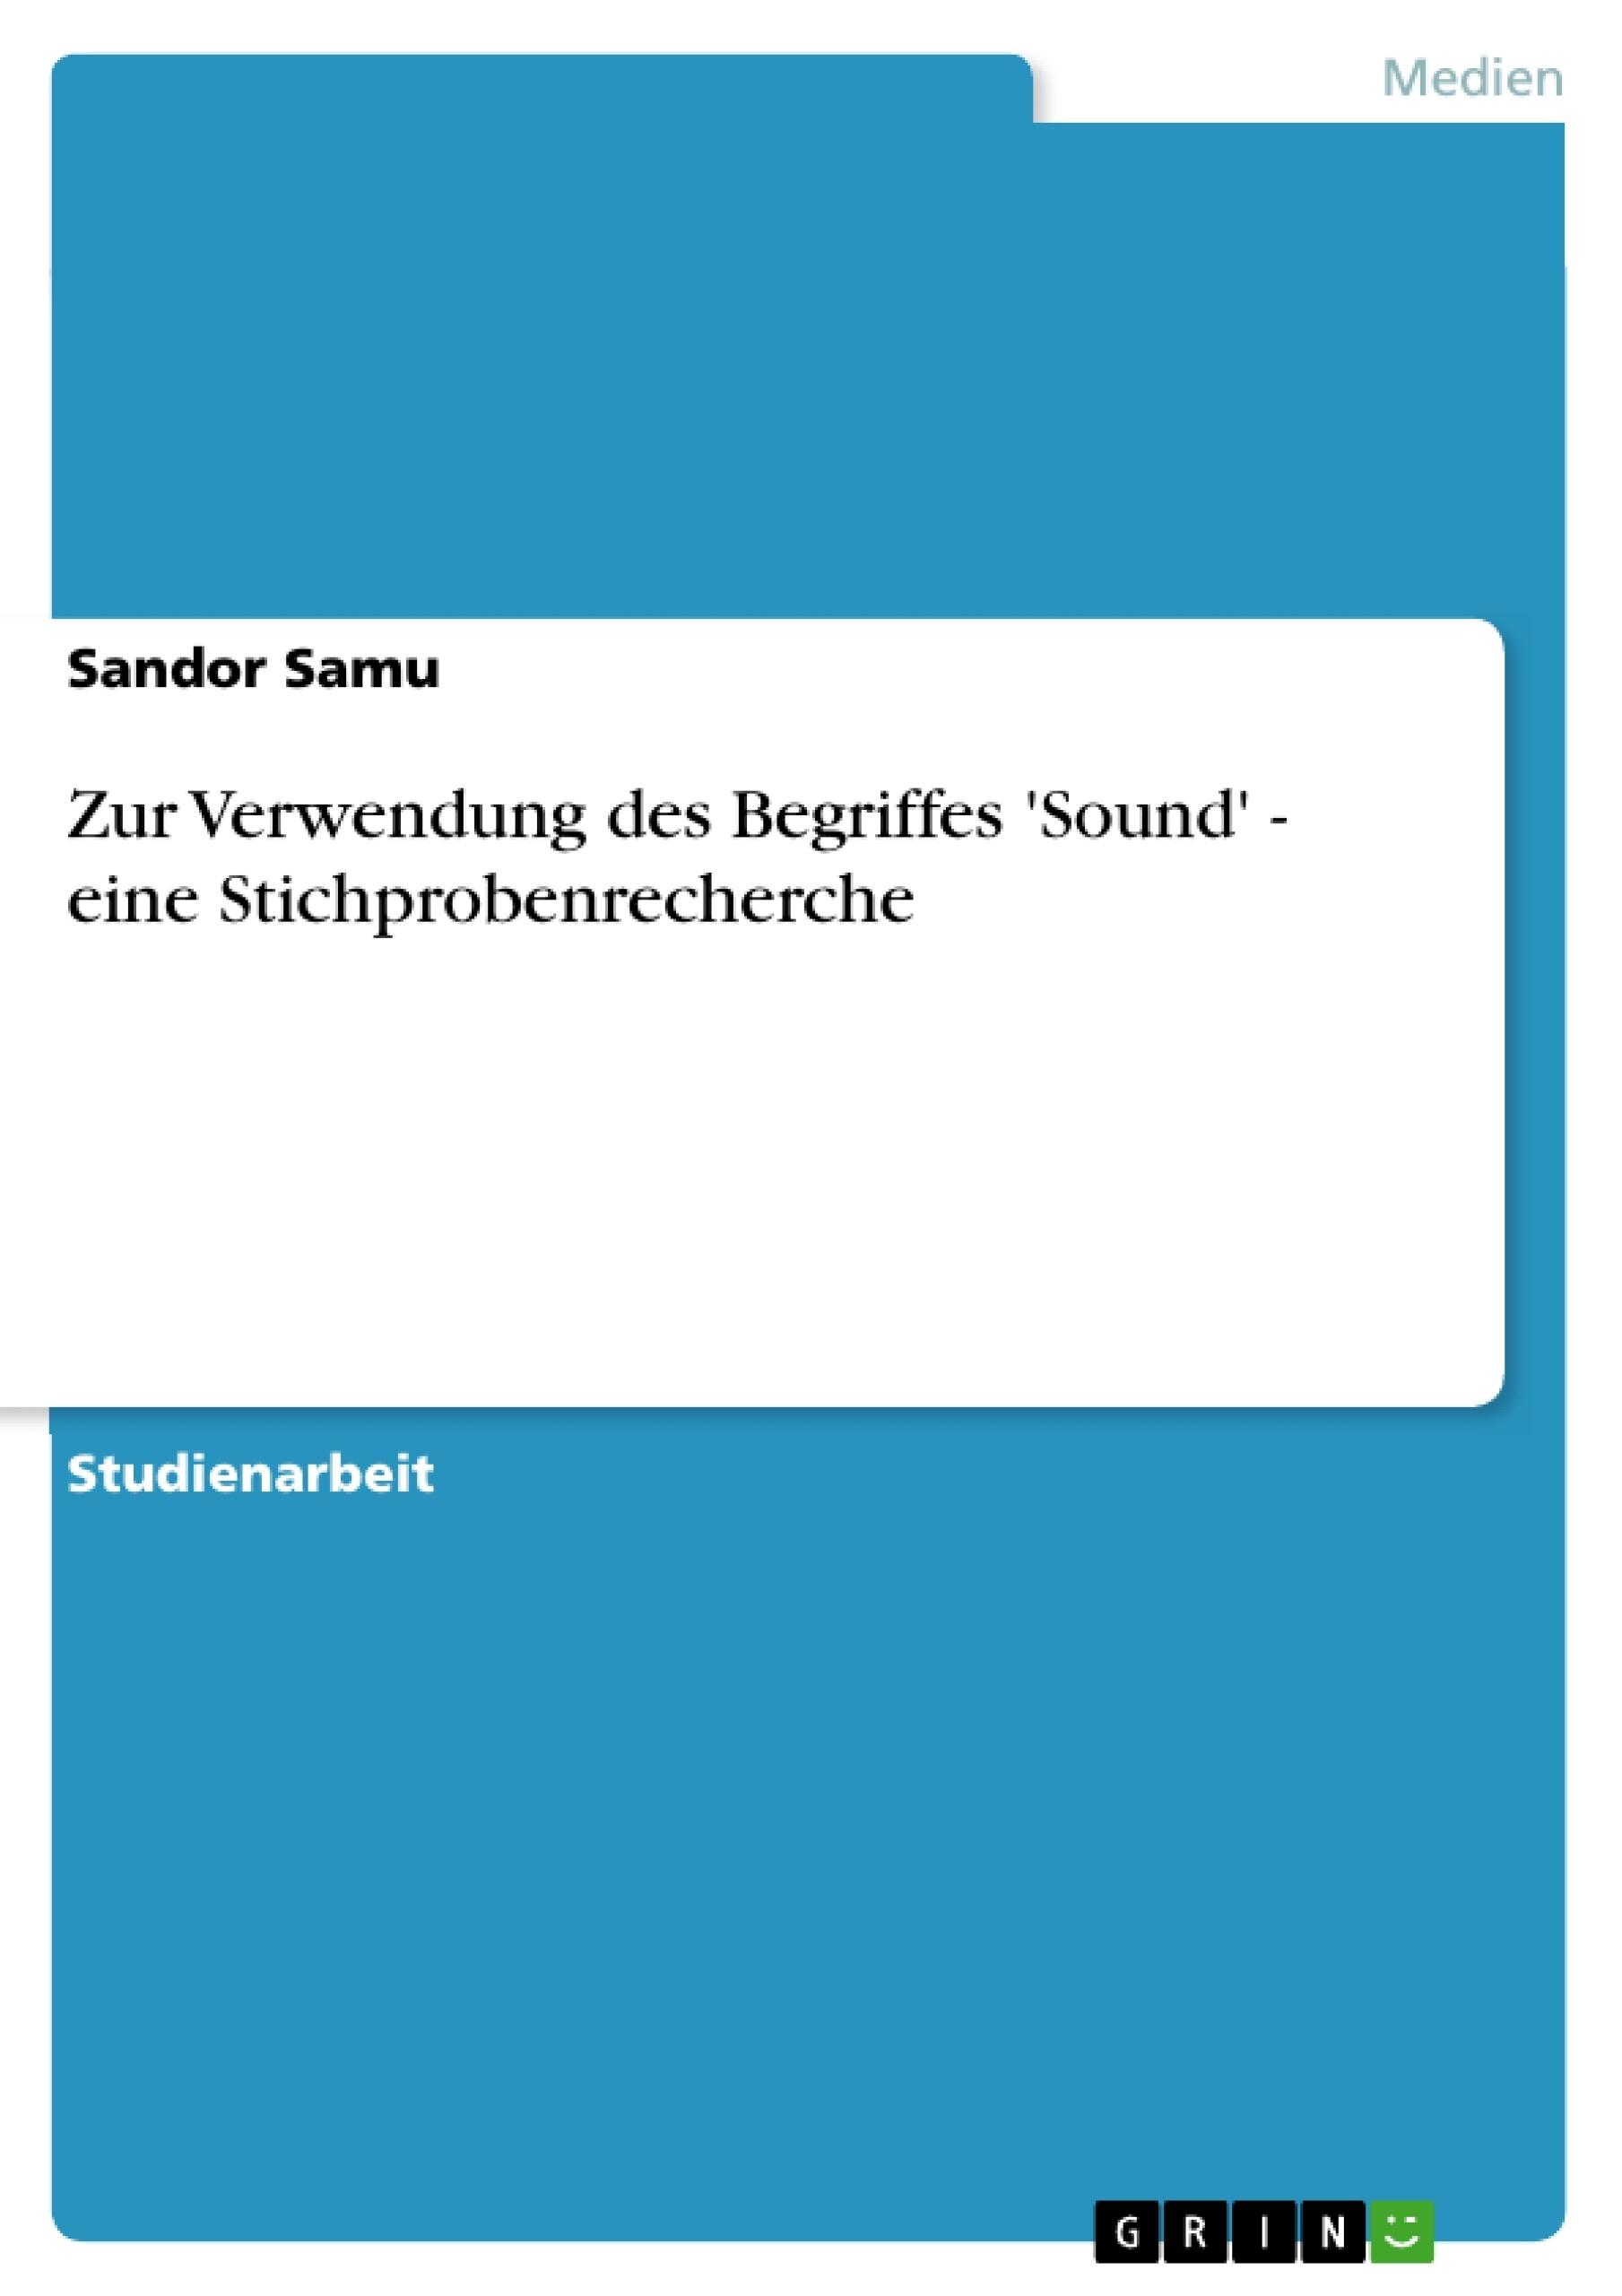 Titel: Zur Verwendung des Begriffes 'Sound' - eine Stichprobenrecherche